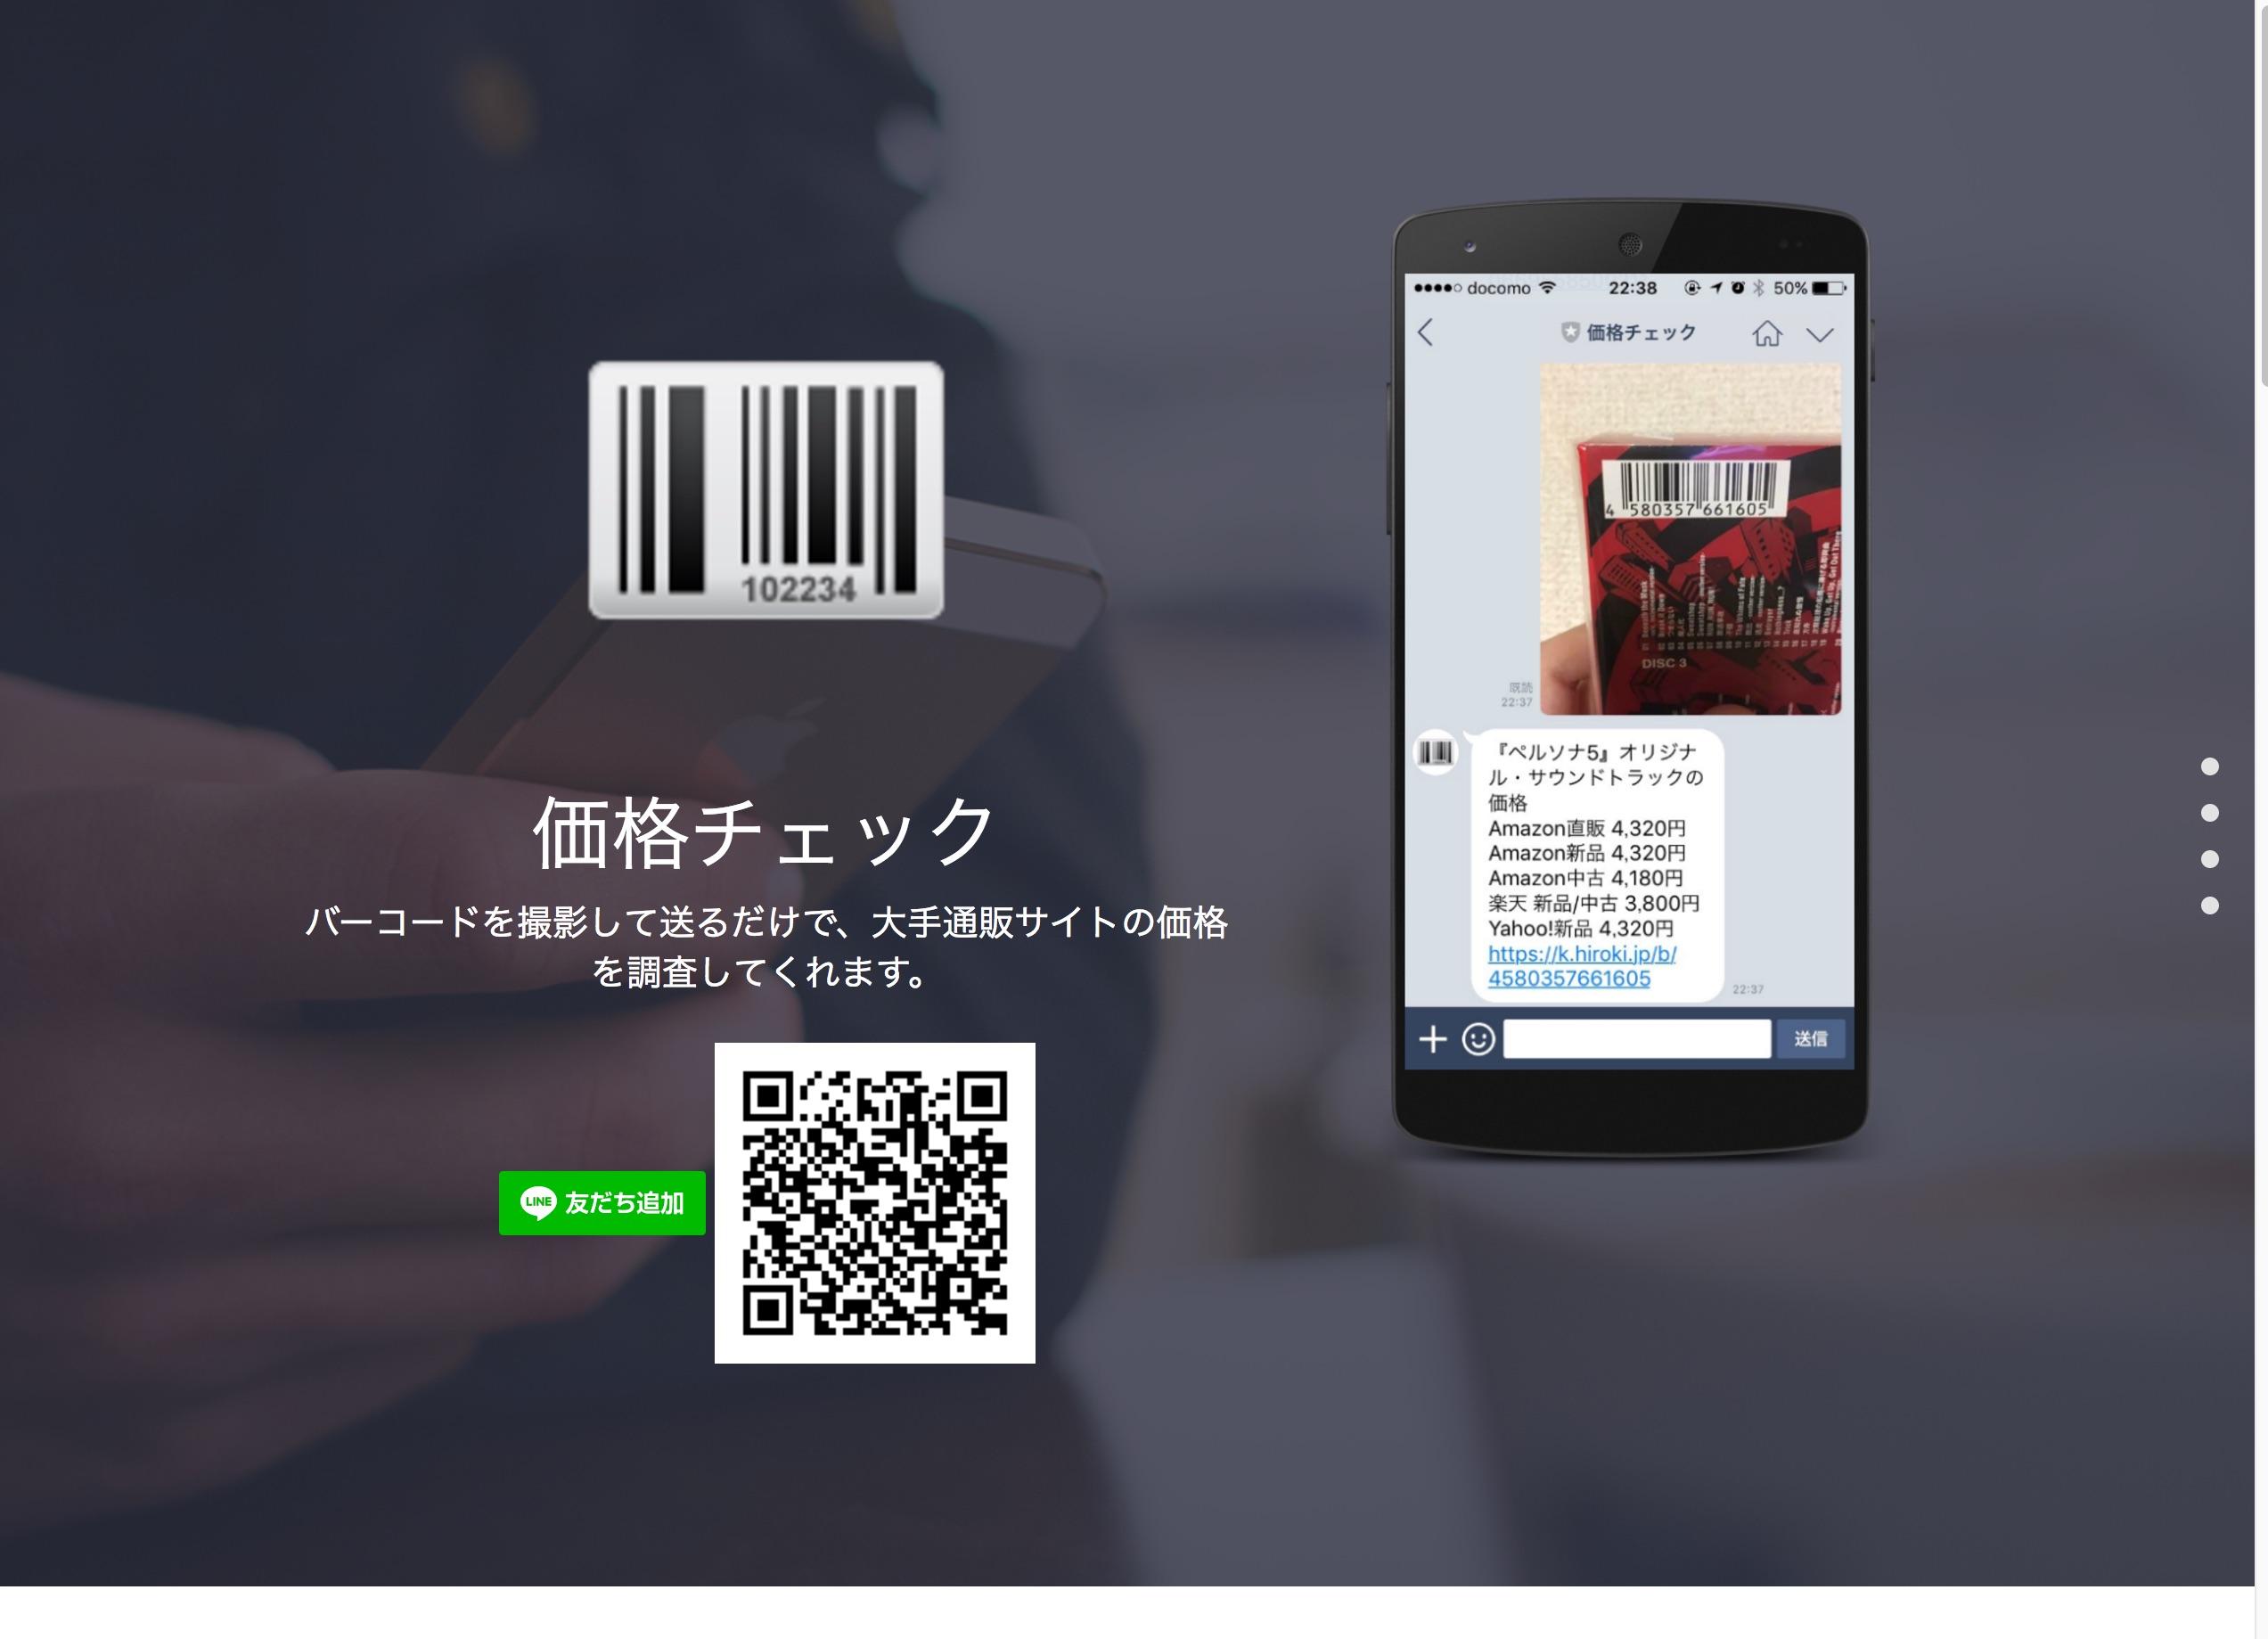 バーコードを送るだけで価格を調査するLINE Botを開発したのでご利用ください